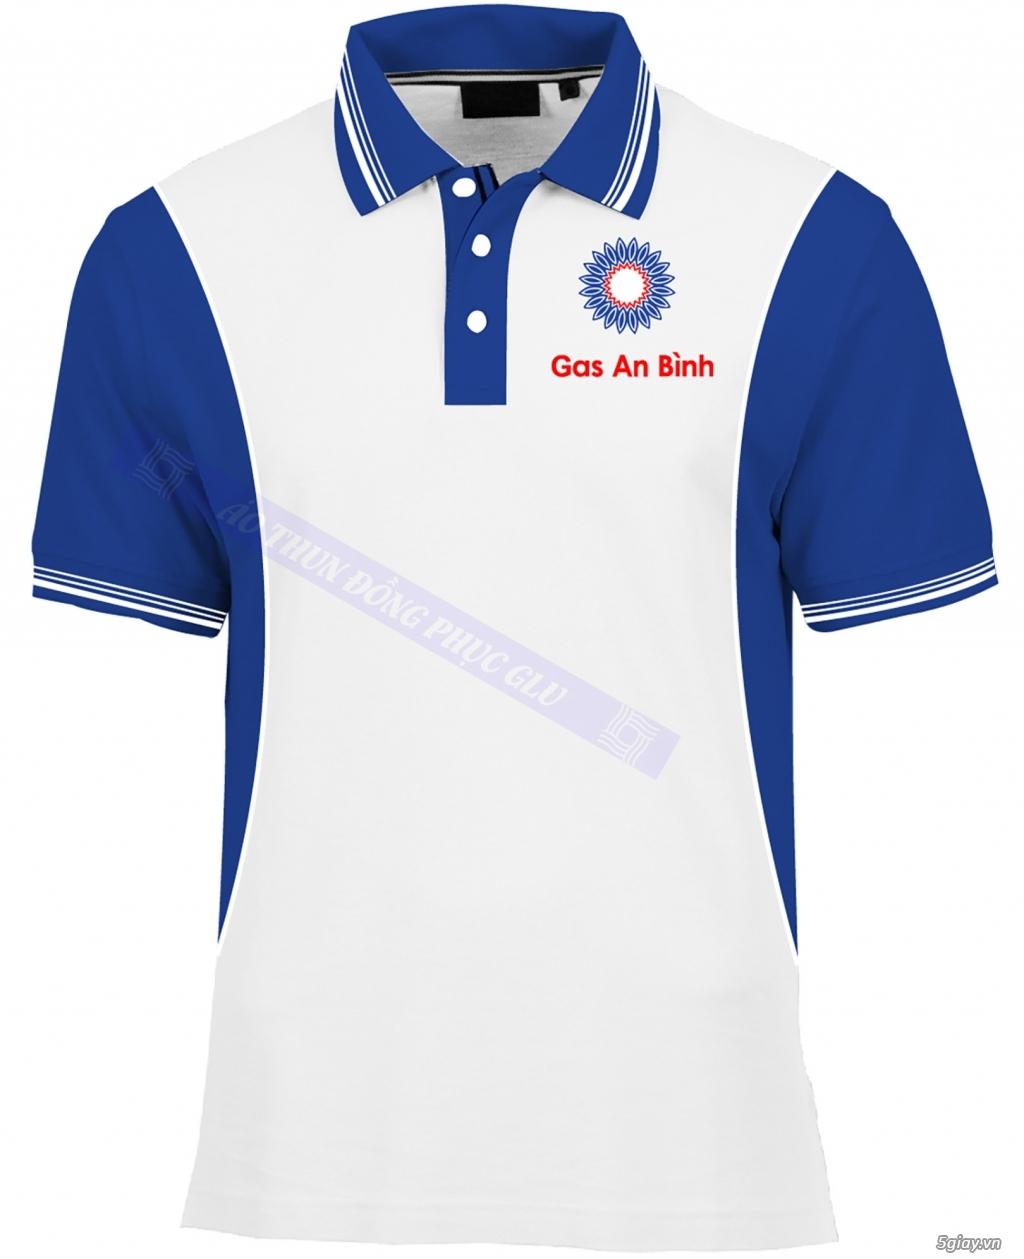 May áo thun đồng phục cao ty chất lượng, giá rẻ nhất TPHCM - 24